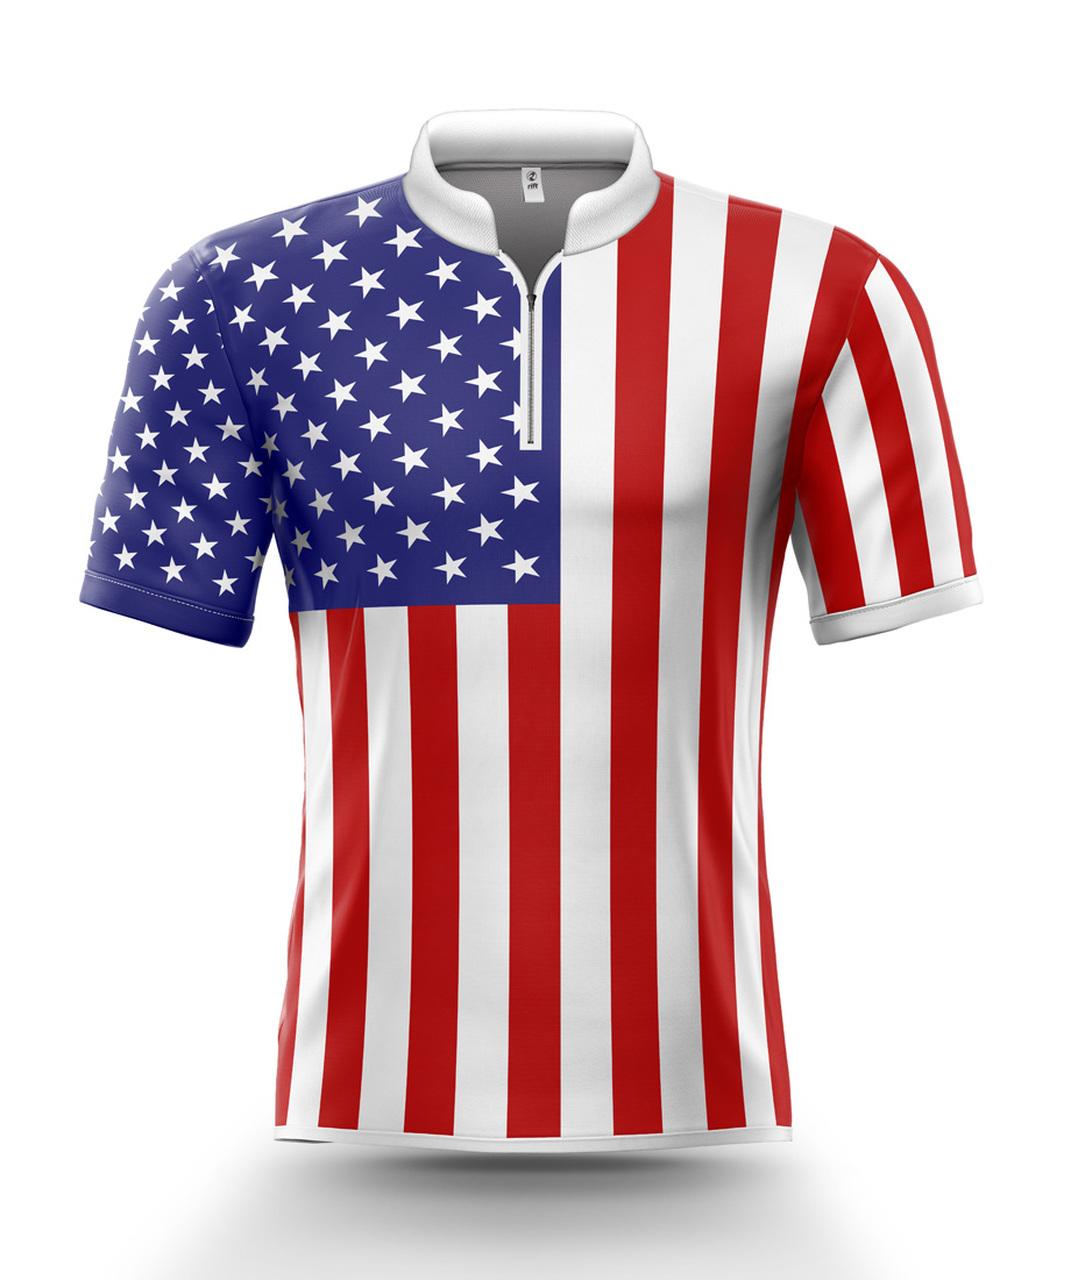 USA-Flag-Clean__67079.1597759449.0.jpg